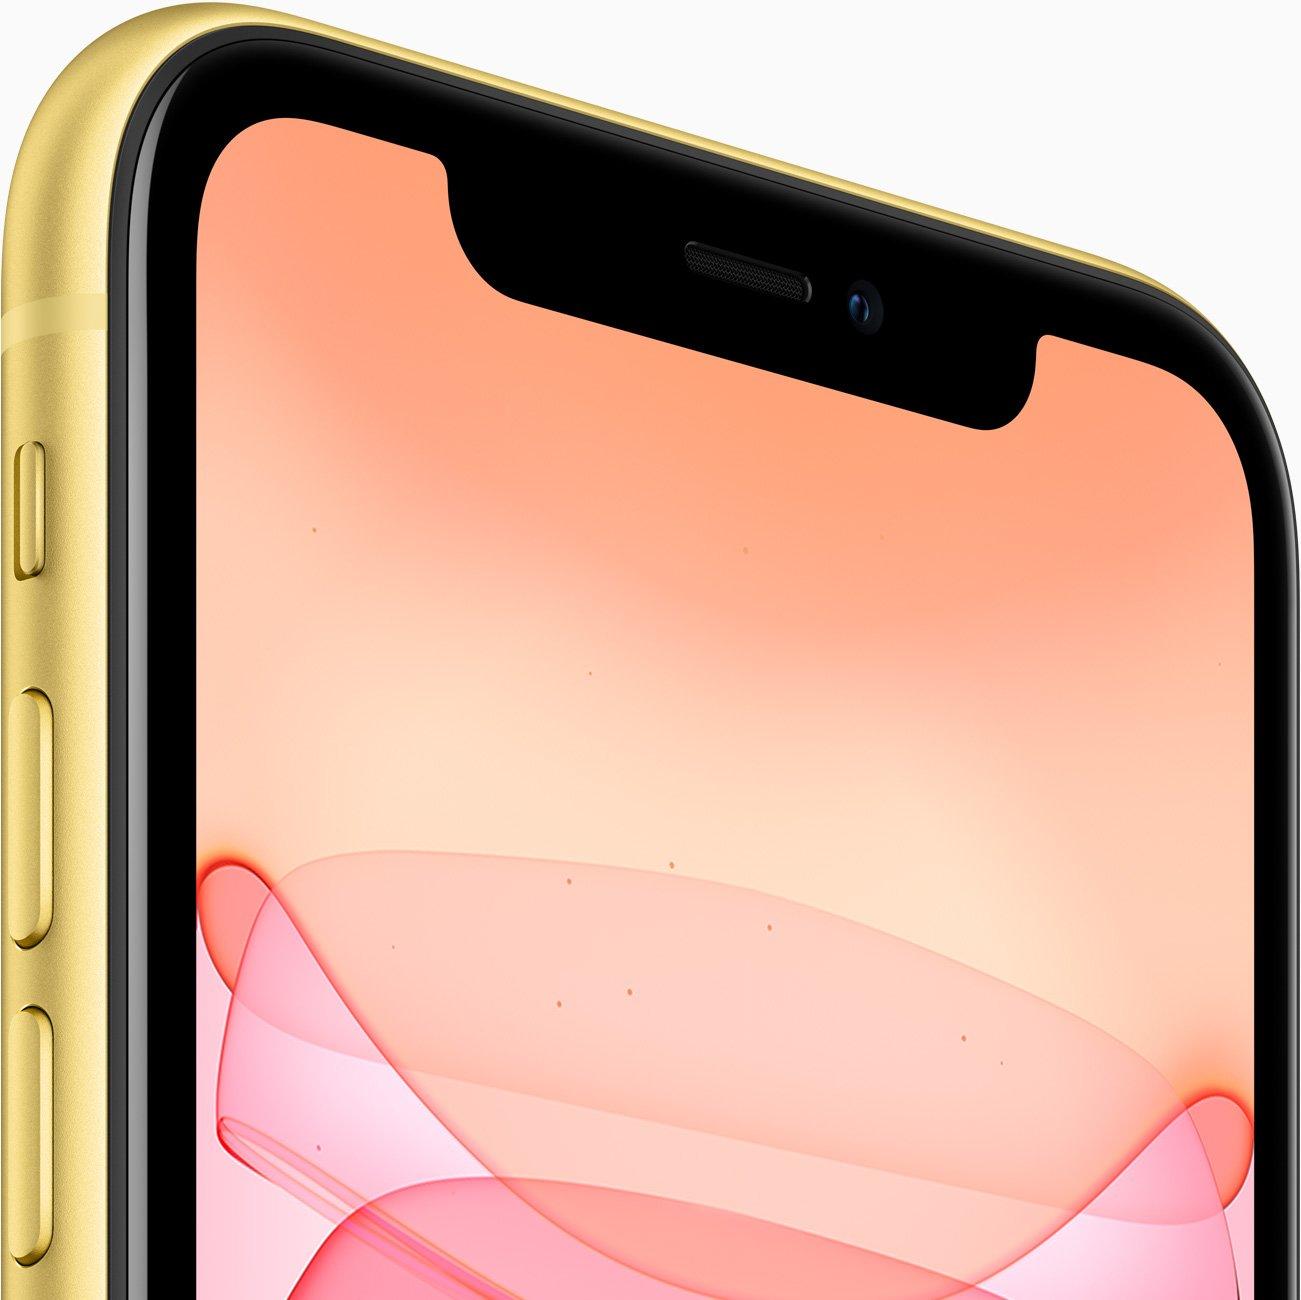 айфон 11 256 жёлтый